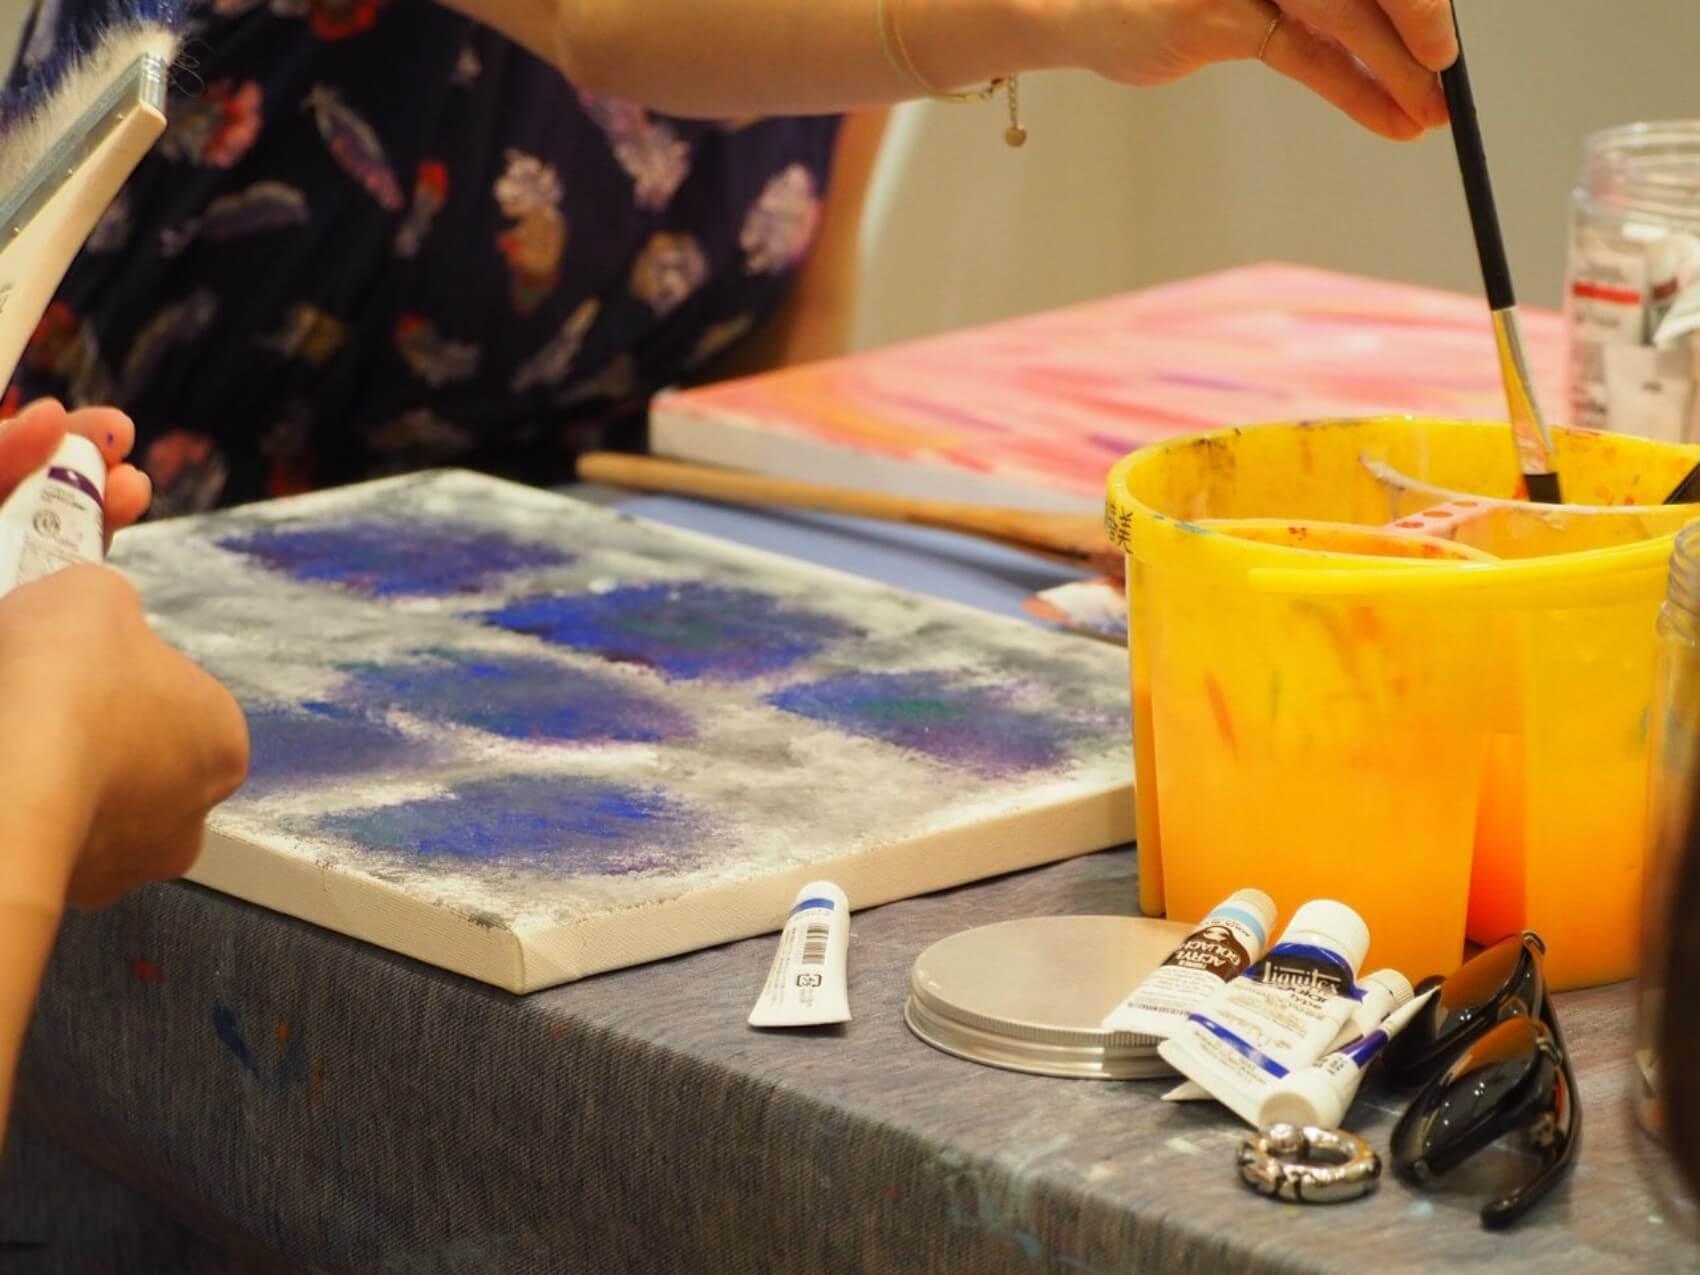 ここで塗る色が、最後は模様となって浮き出します。キャンバスの質感を活かして、粗めに色付をしても雰囲気が出ますね。